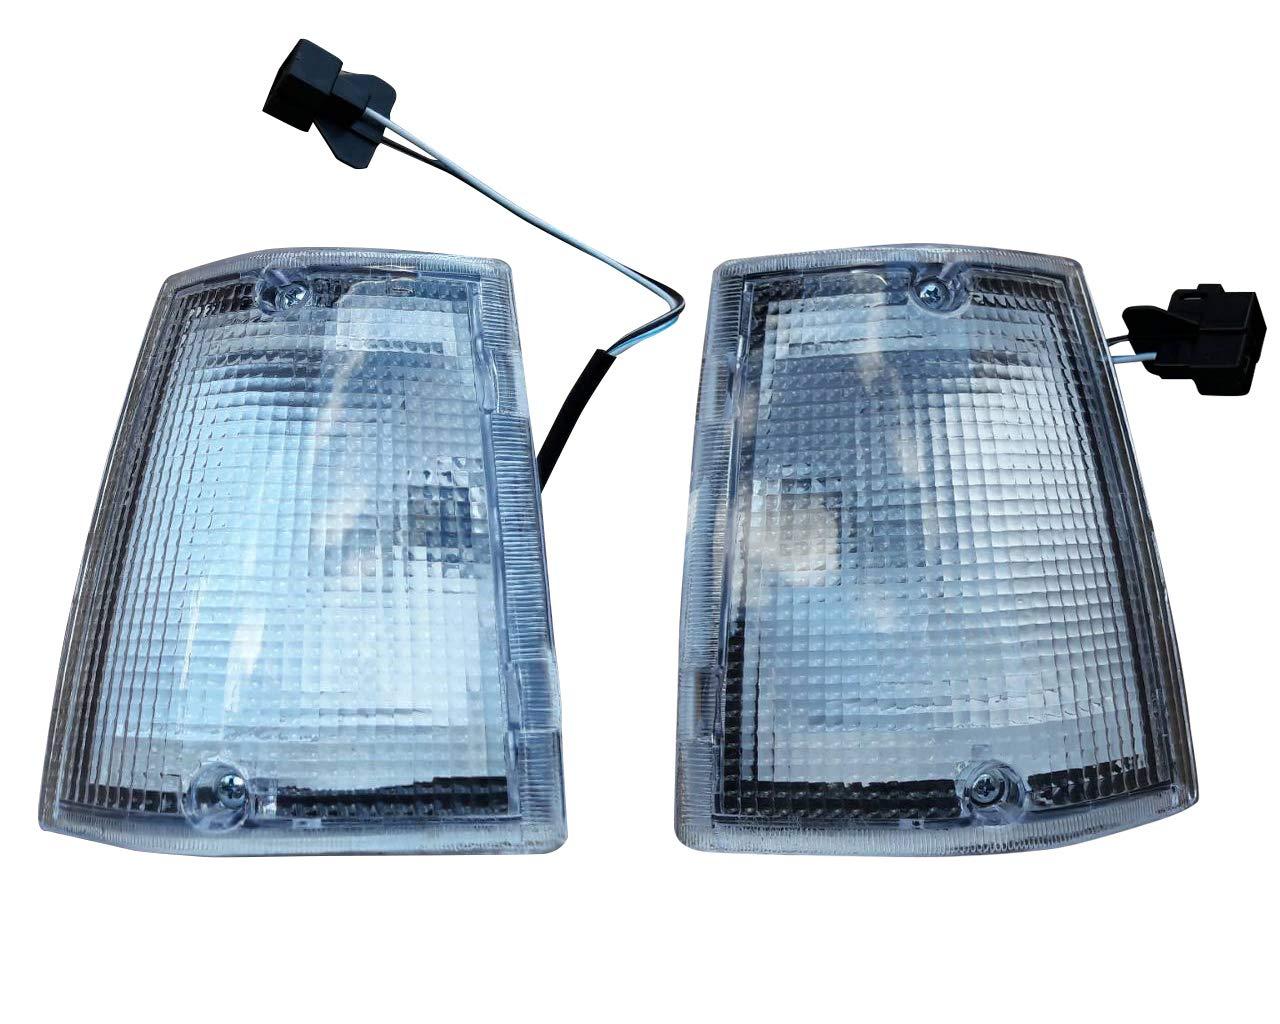 BUY N TRY Front White Corner Side Light Signal Lamp For Mazda Magnum B2000 B2200 B2600 1985-1998 Sun A Chen Enterprise Co. Ltd.